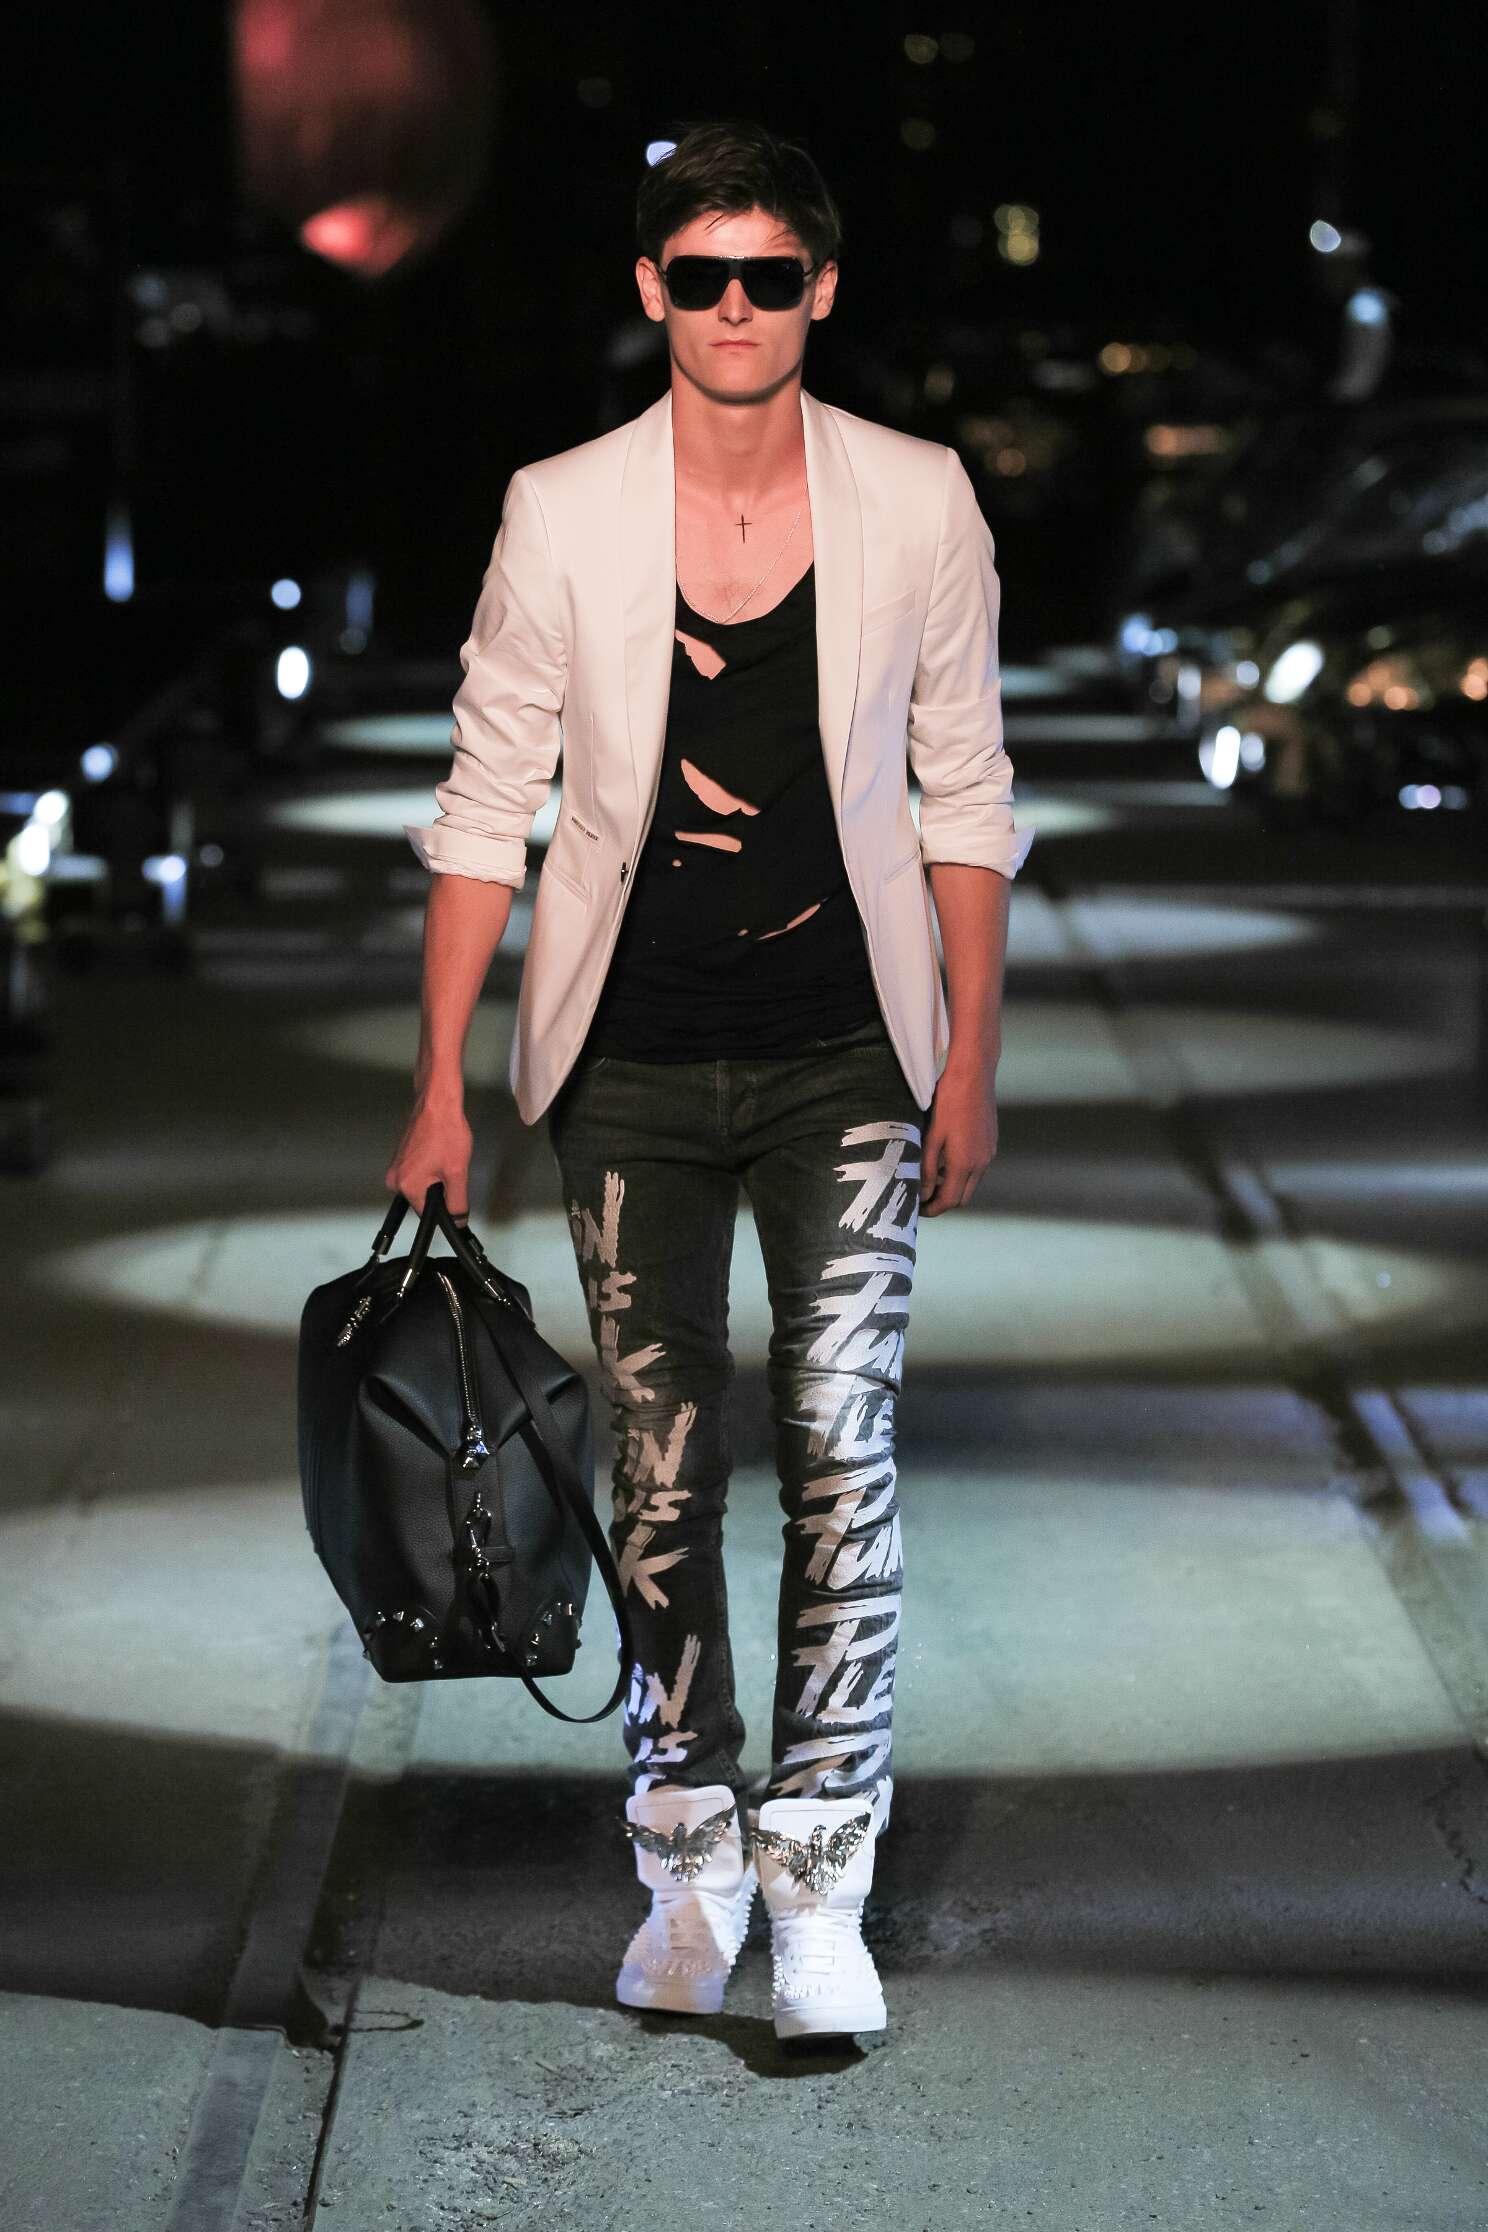 Catwalk Philipp Plein Spring Summer 2016 Men's Collection Milan Fashion Week